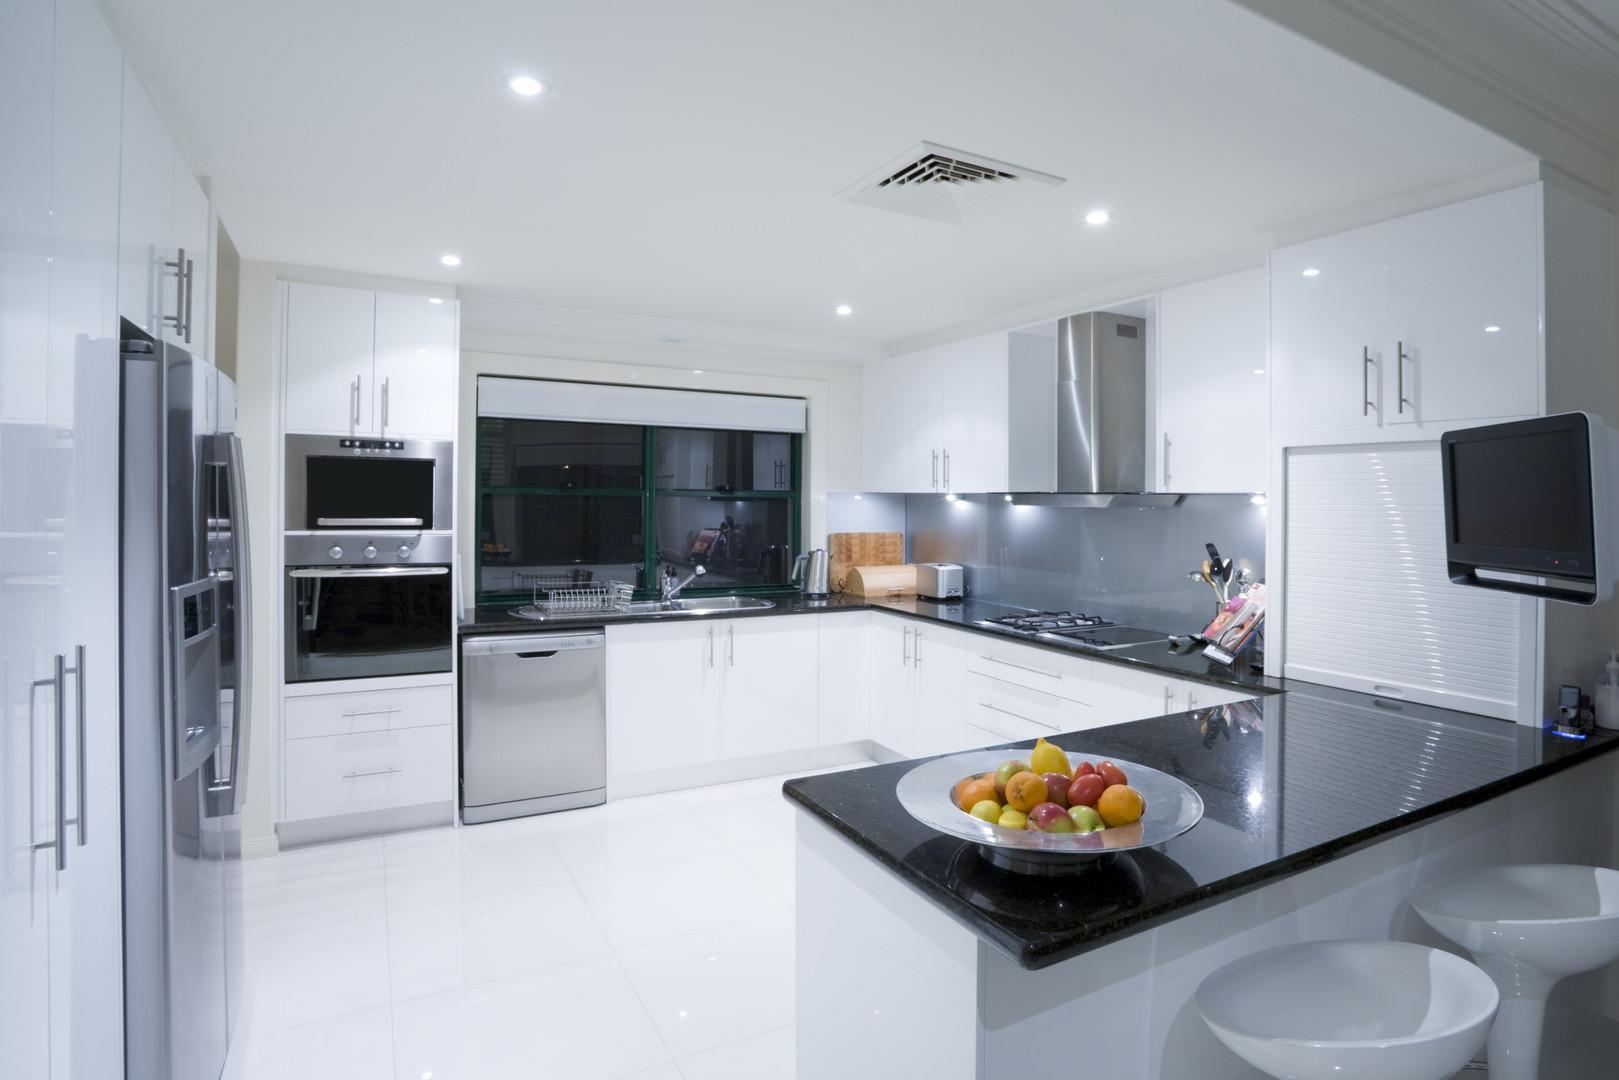 Foto einer modernen Küche